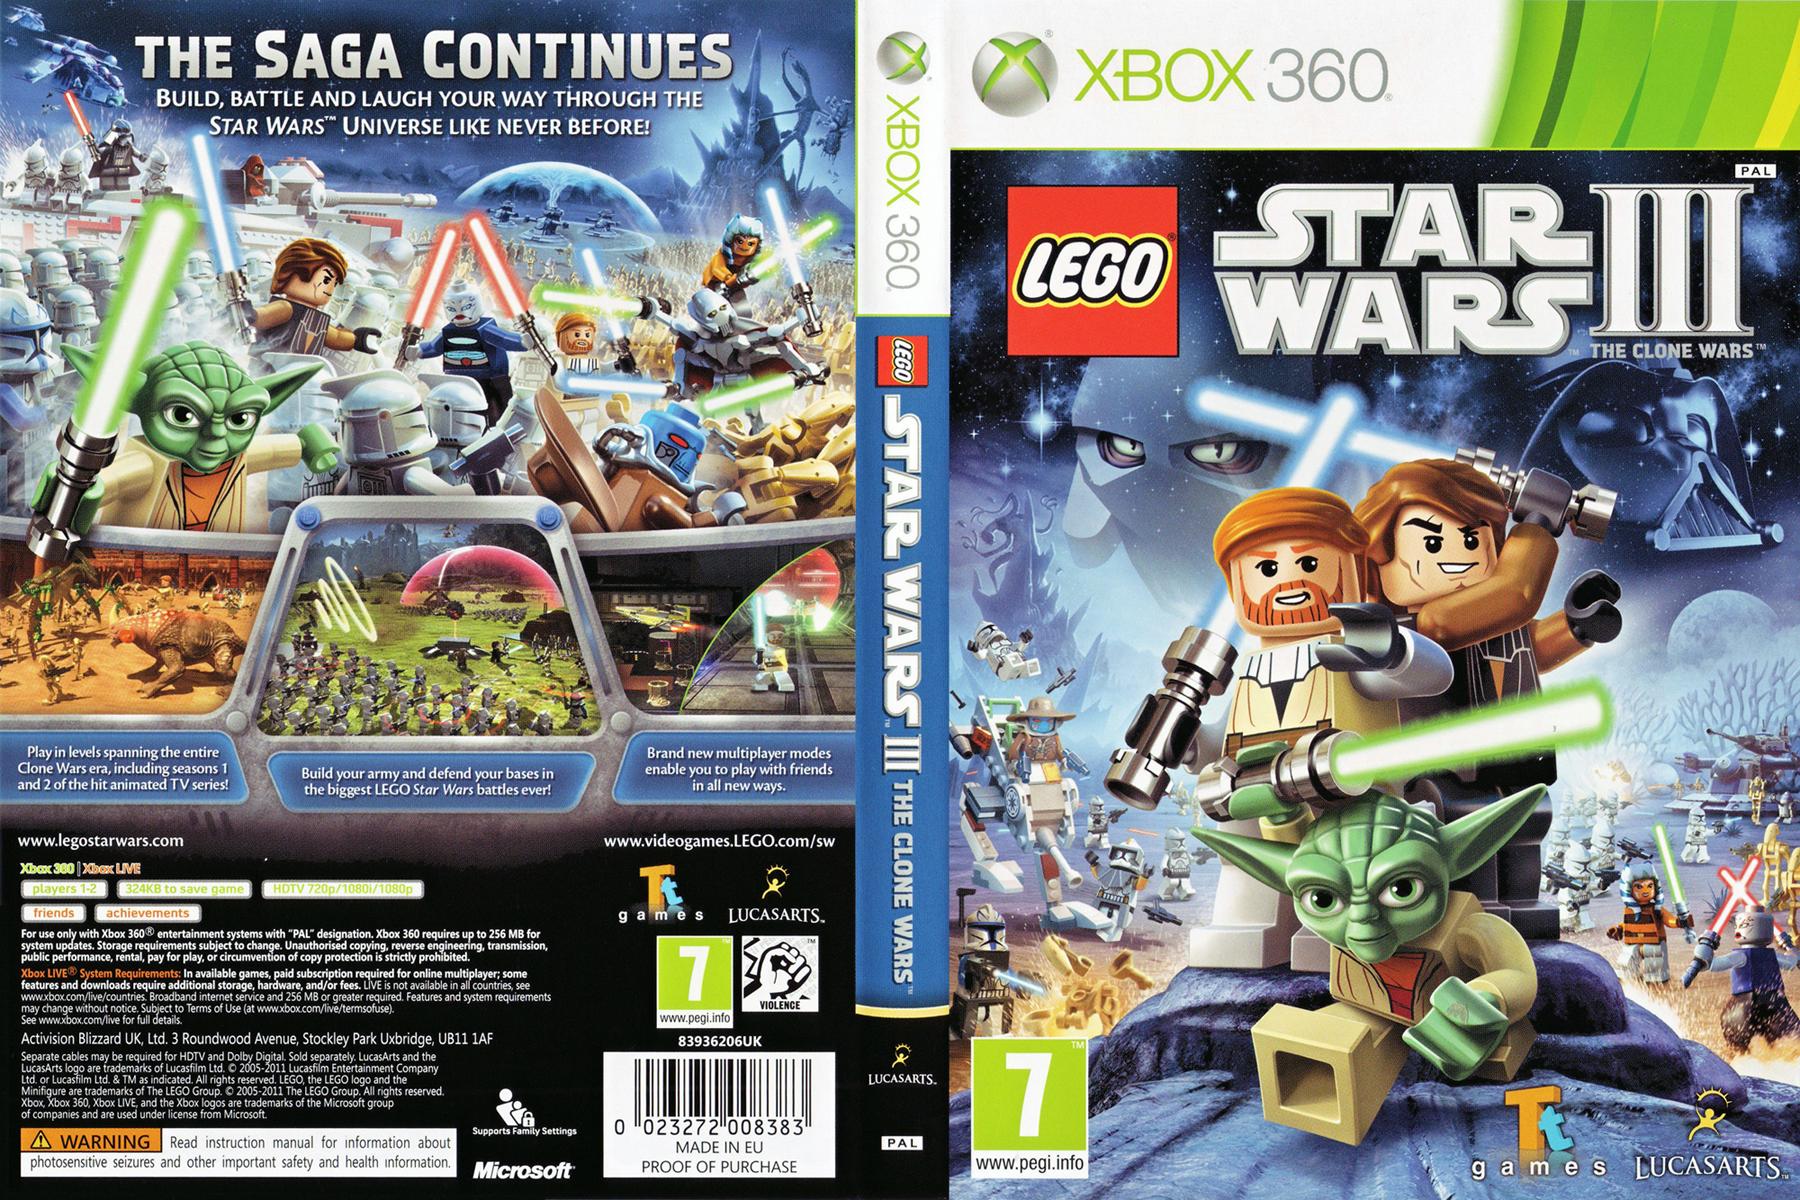 LEGOStarWarsIIITheCloneWars